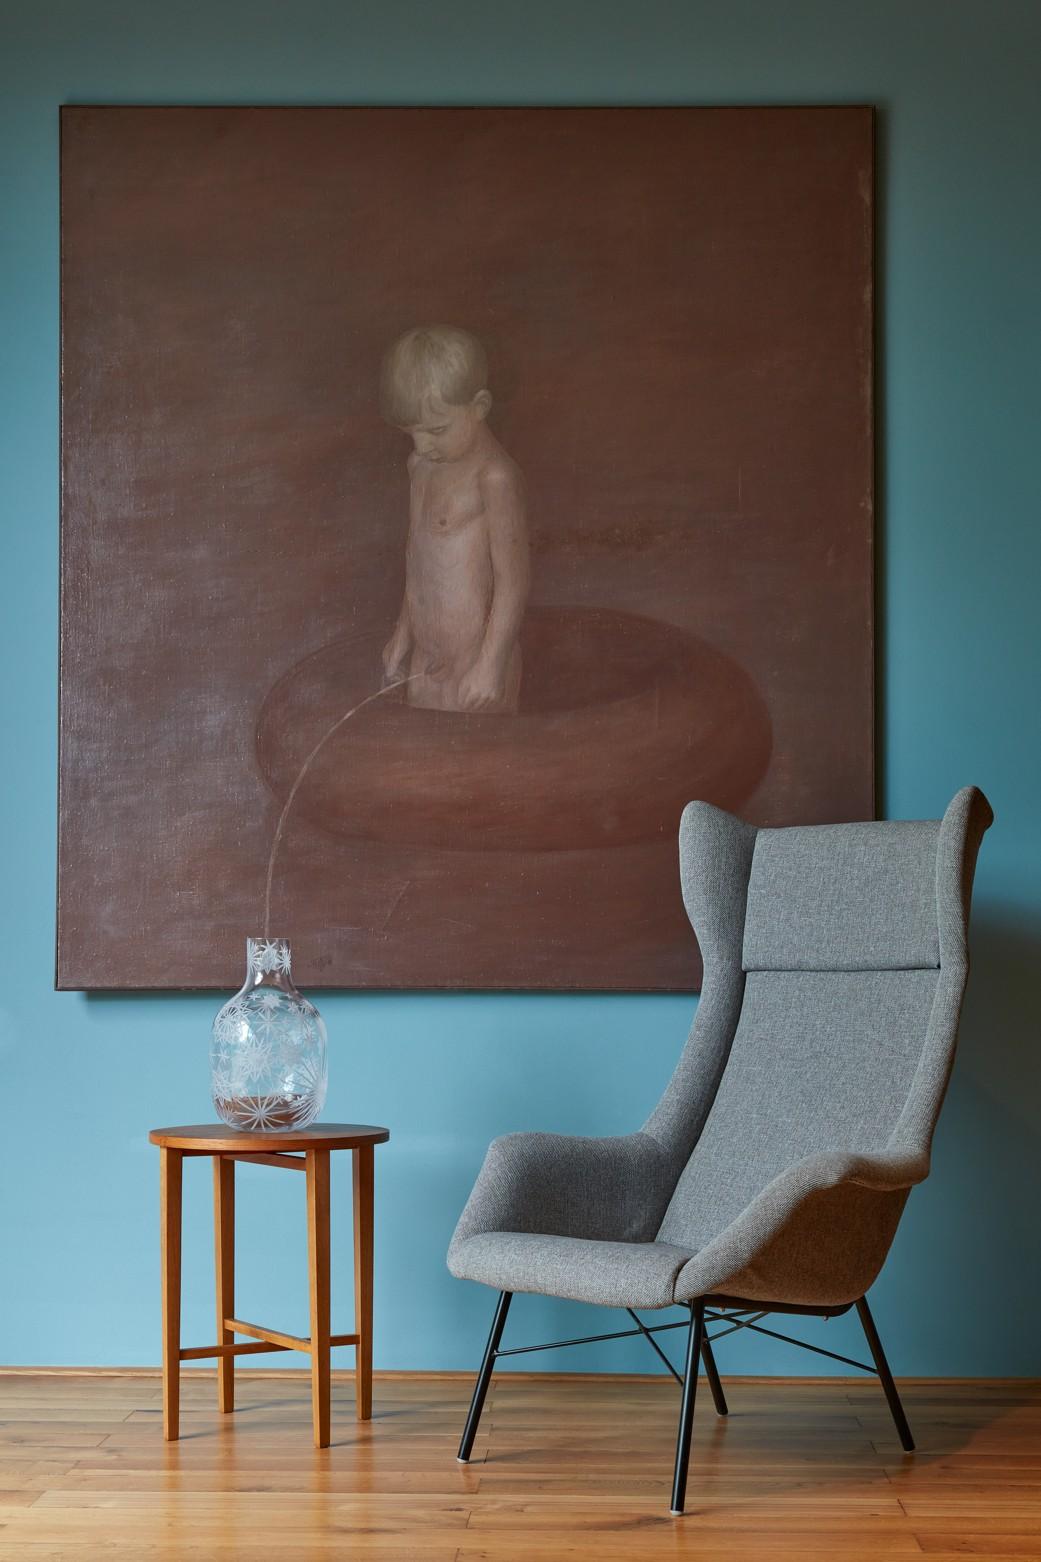 Obraz cikajúceho chlapca do vázy na stolíku